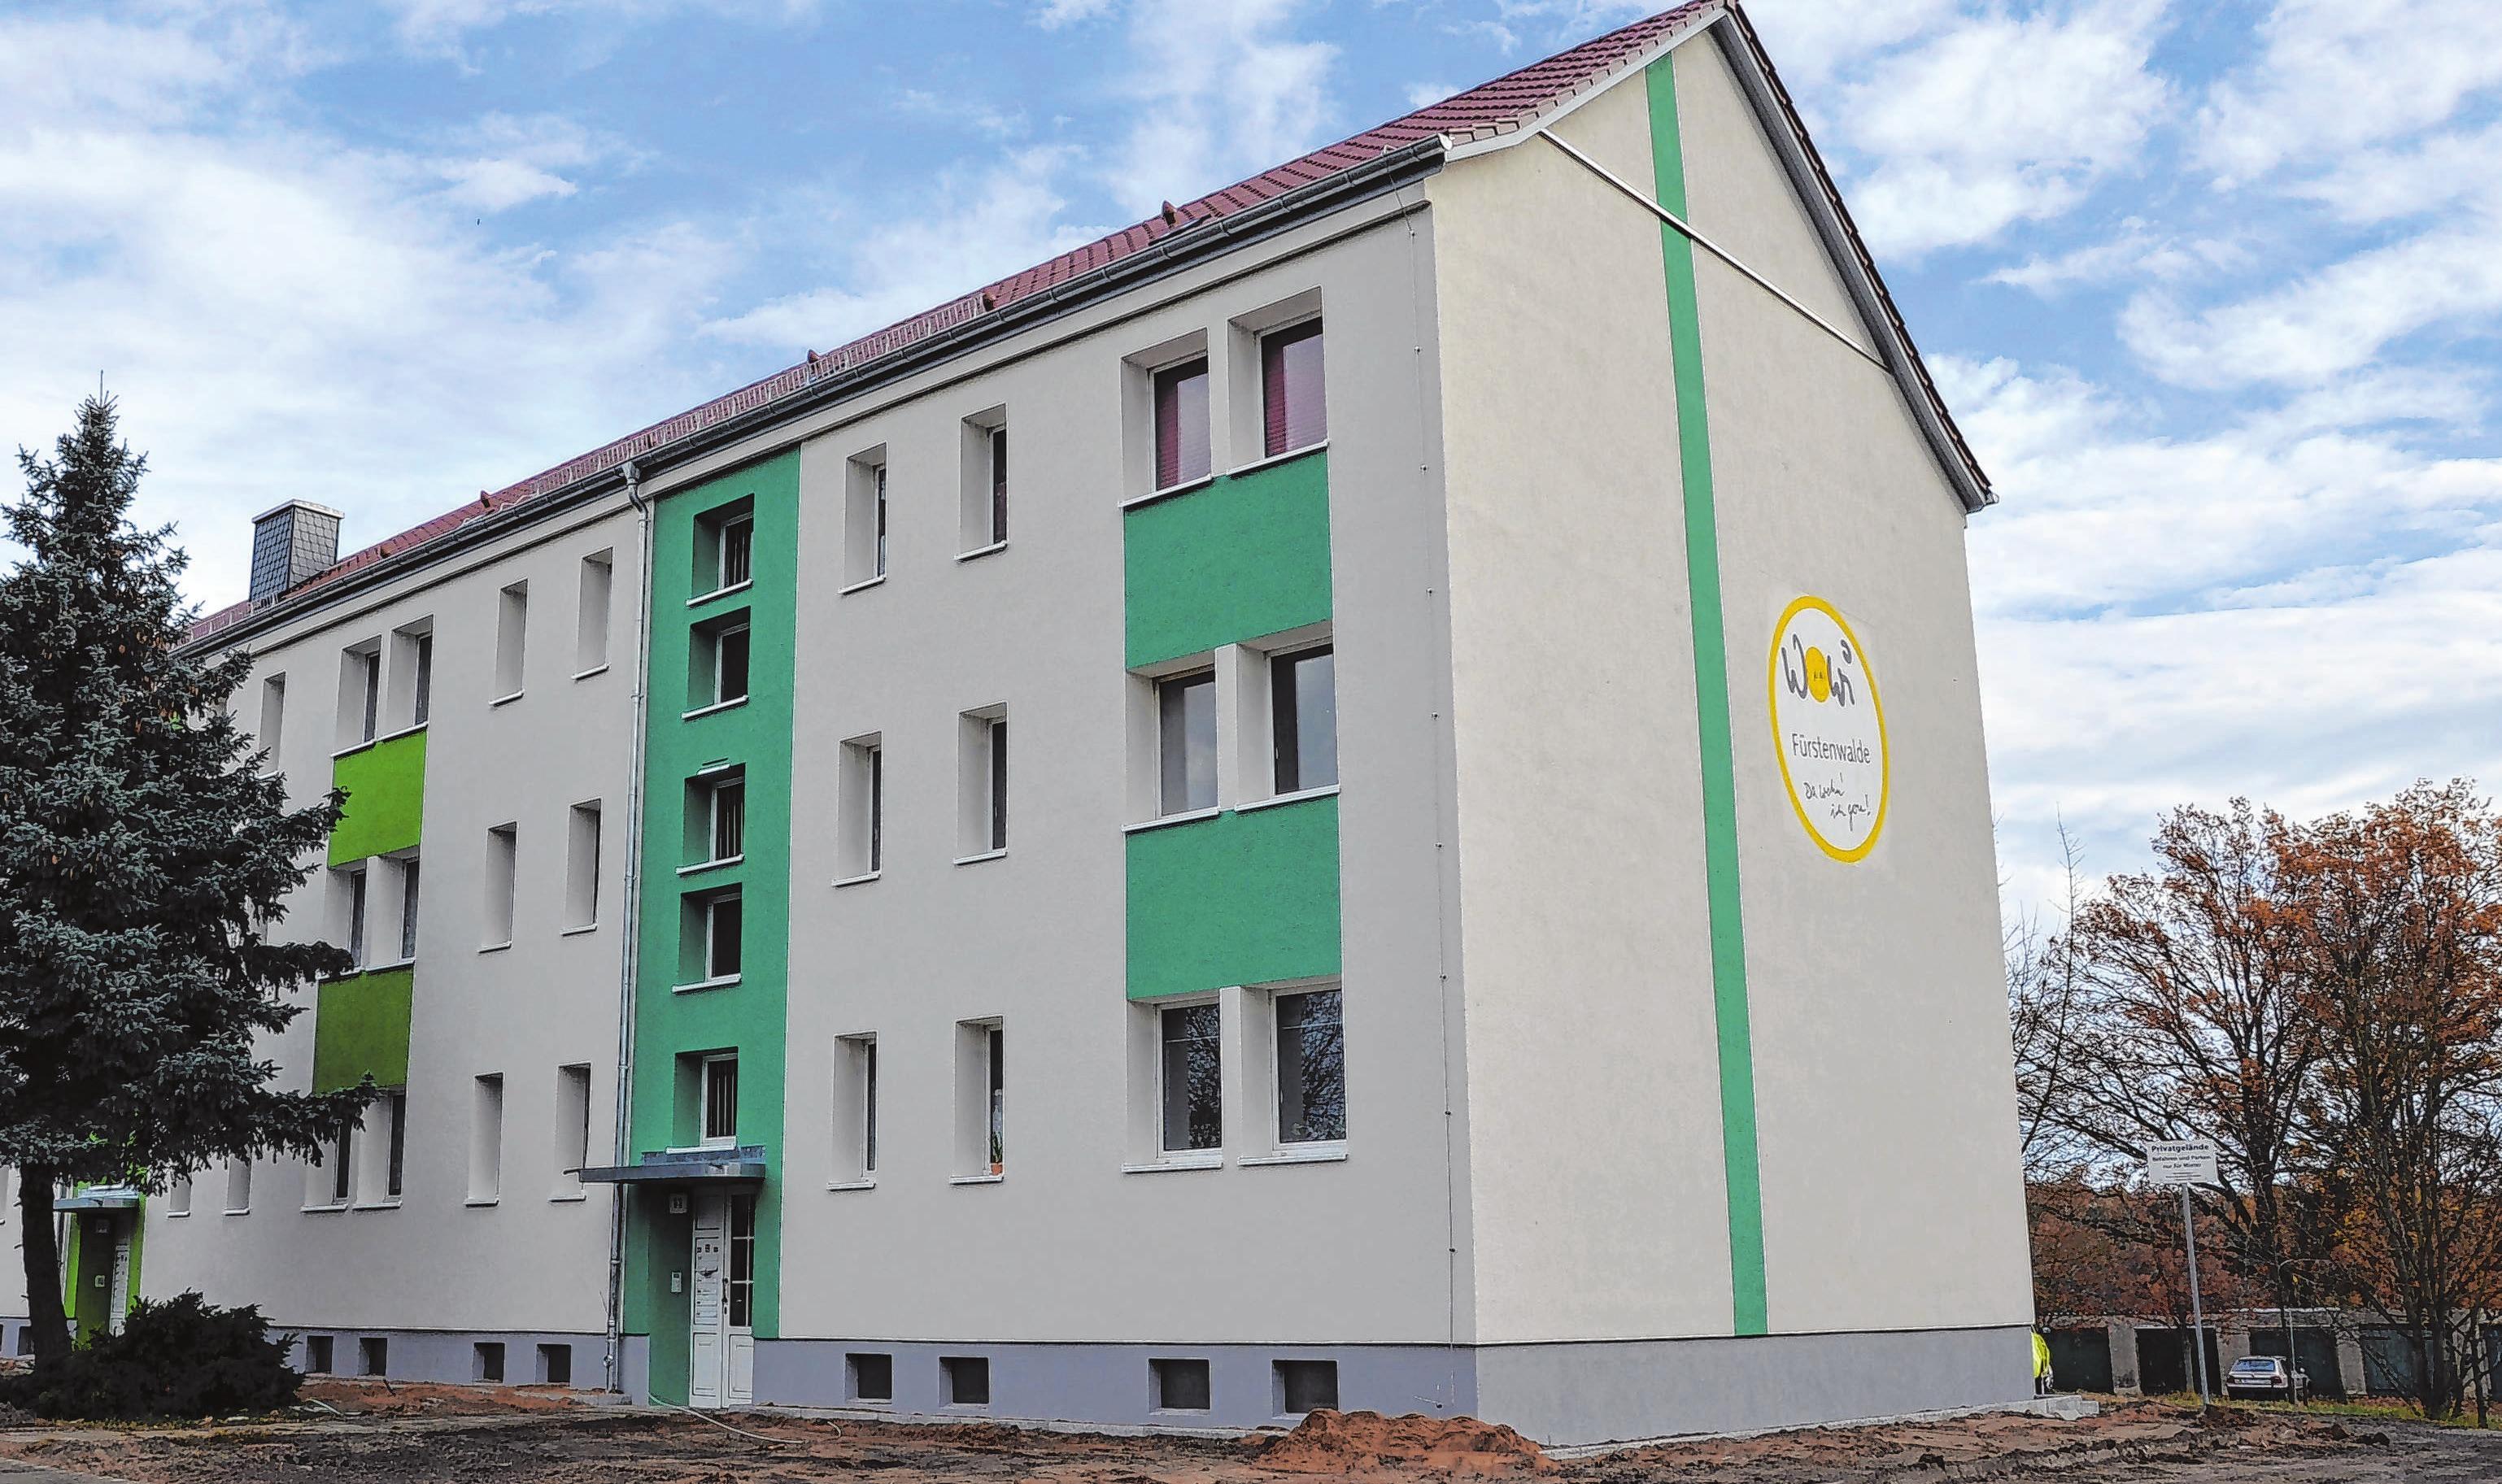 Die Kosten der Baumaßnahmen beliefen sich auf rund 780.000 Euro. Im Dezember sollen alle Arbeiten abgeschlossen sein.Fotos: Vanessa Engel